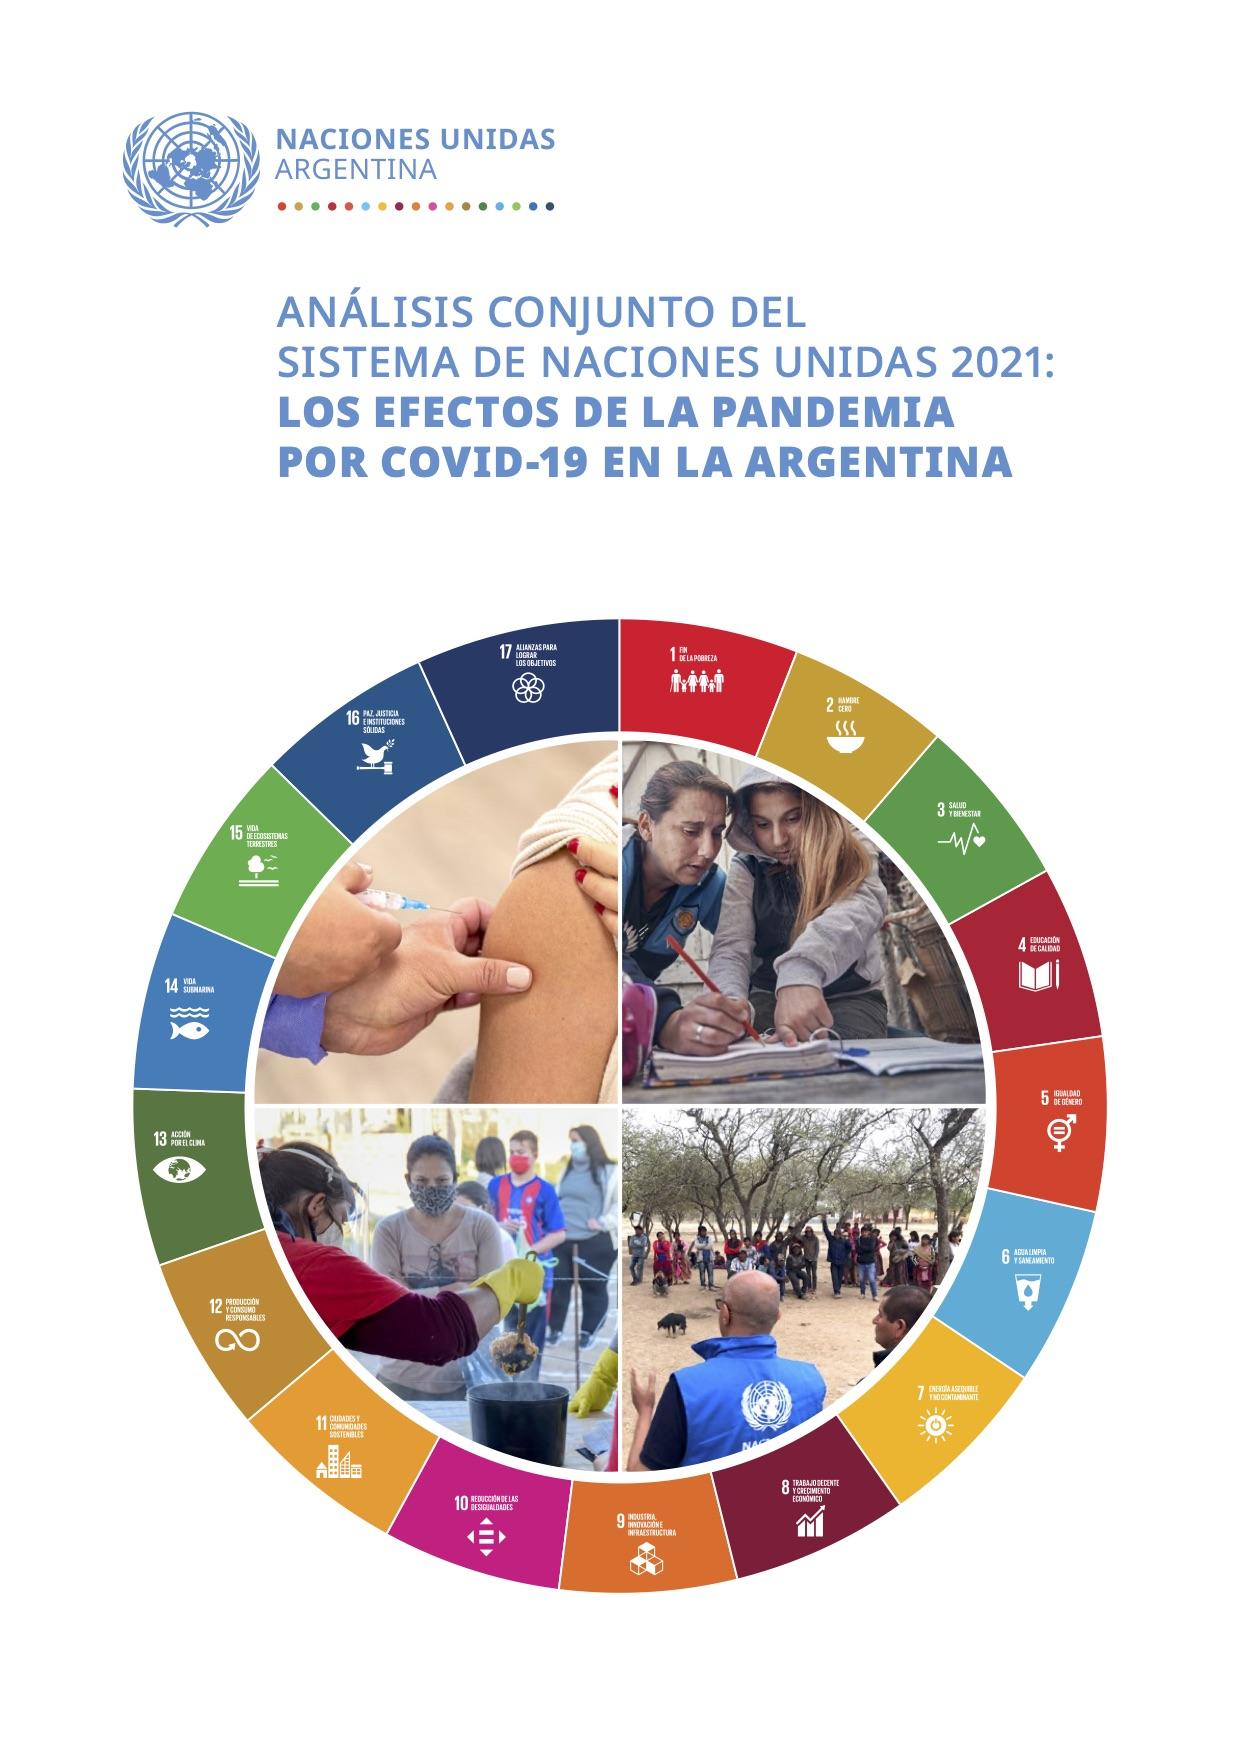 Análisis conjunto del Sistema de Naciones Unidas 2021: Los efectos de la pandemia por COVID-19 en la Argentina